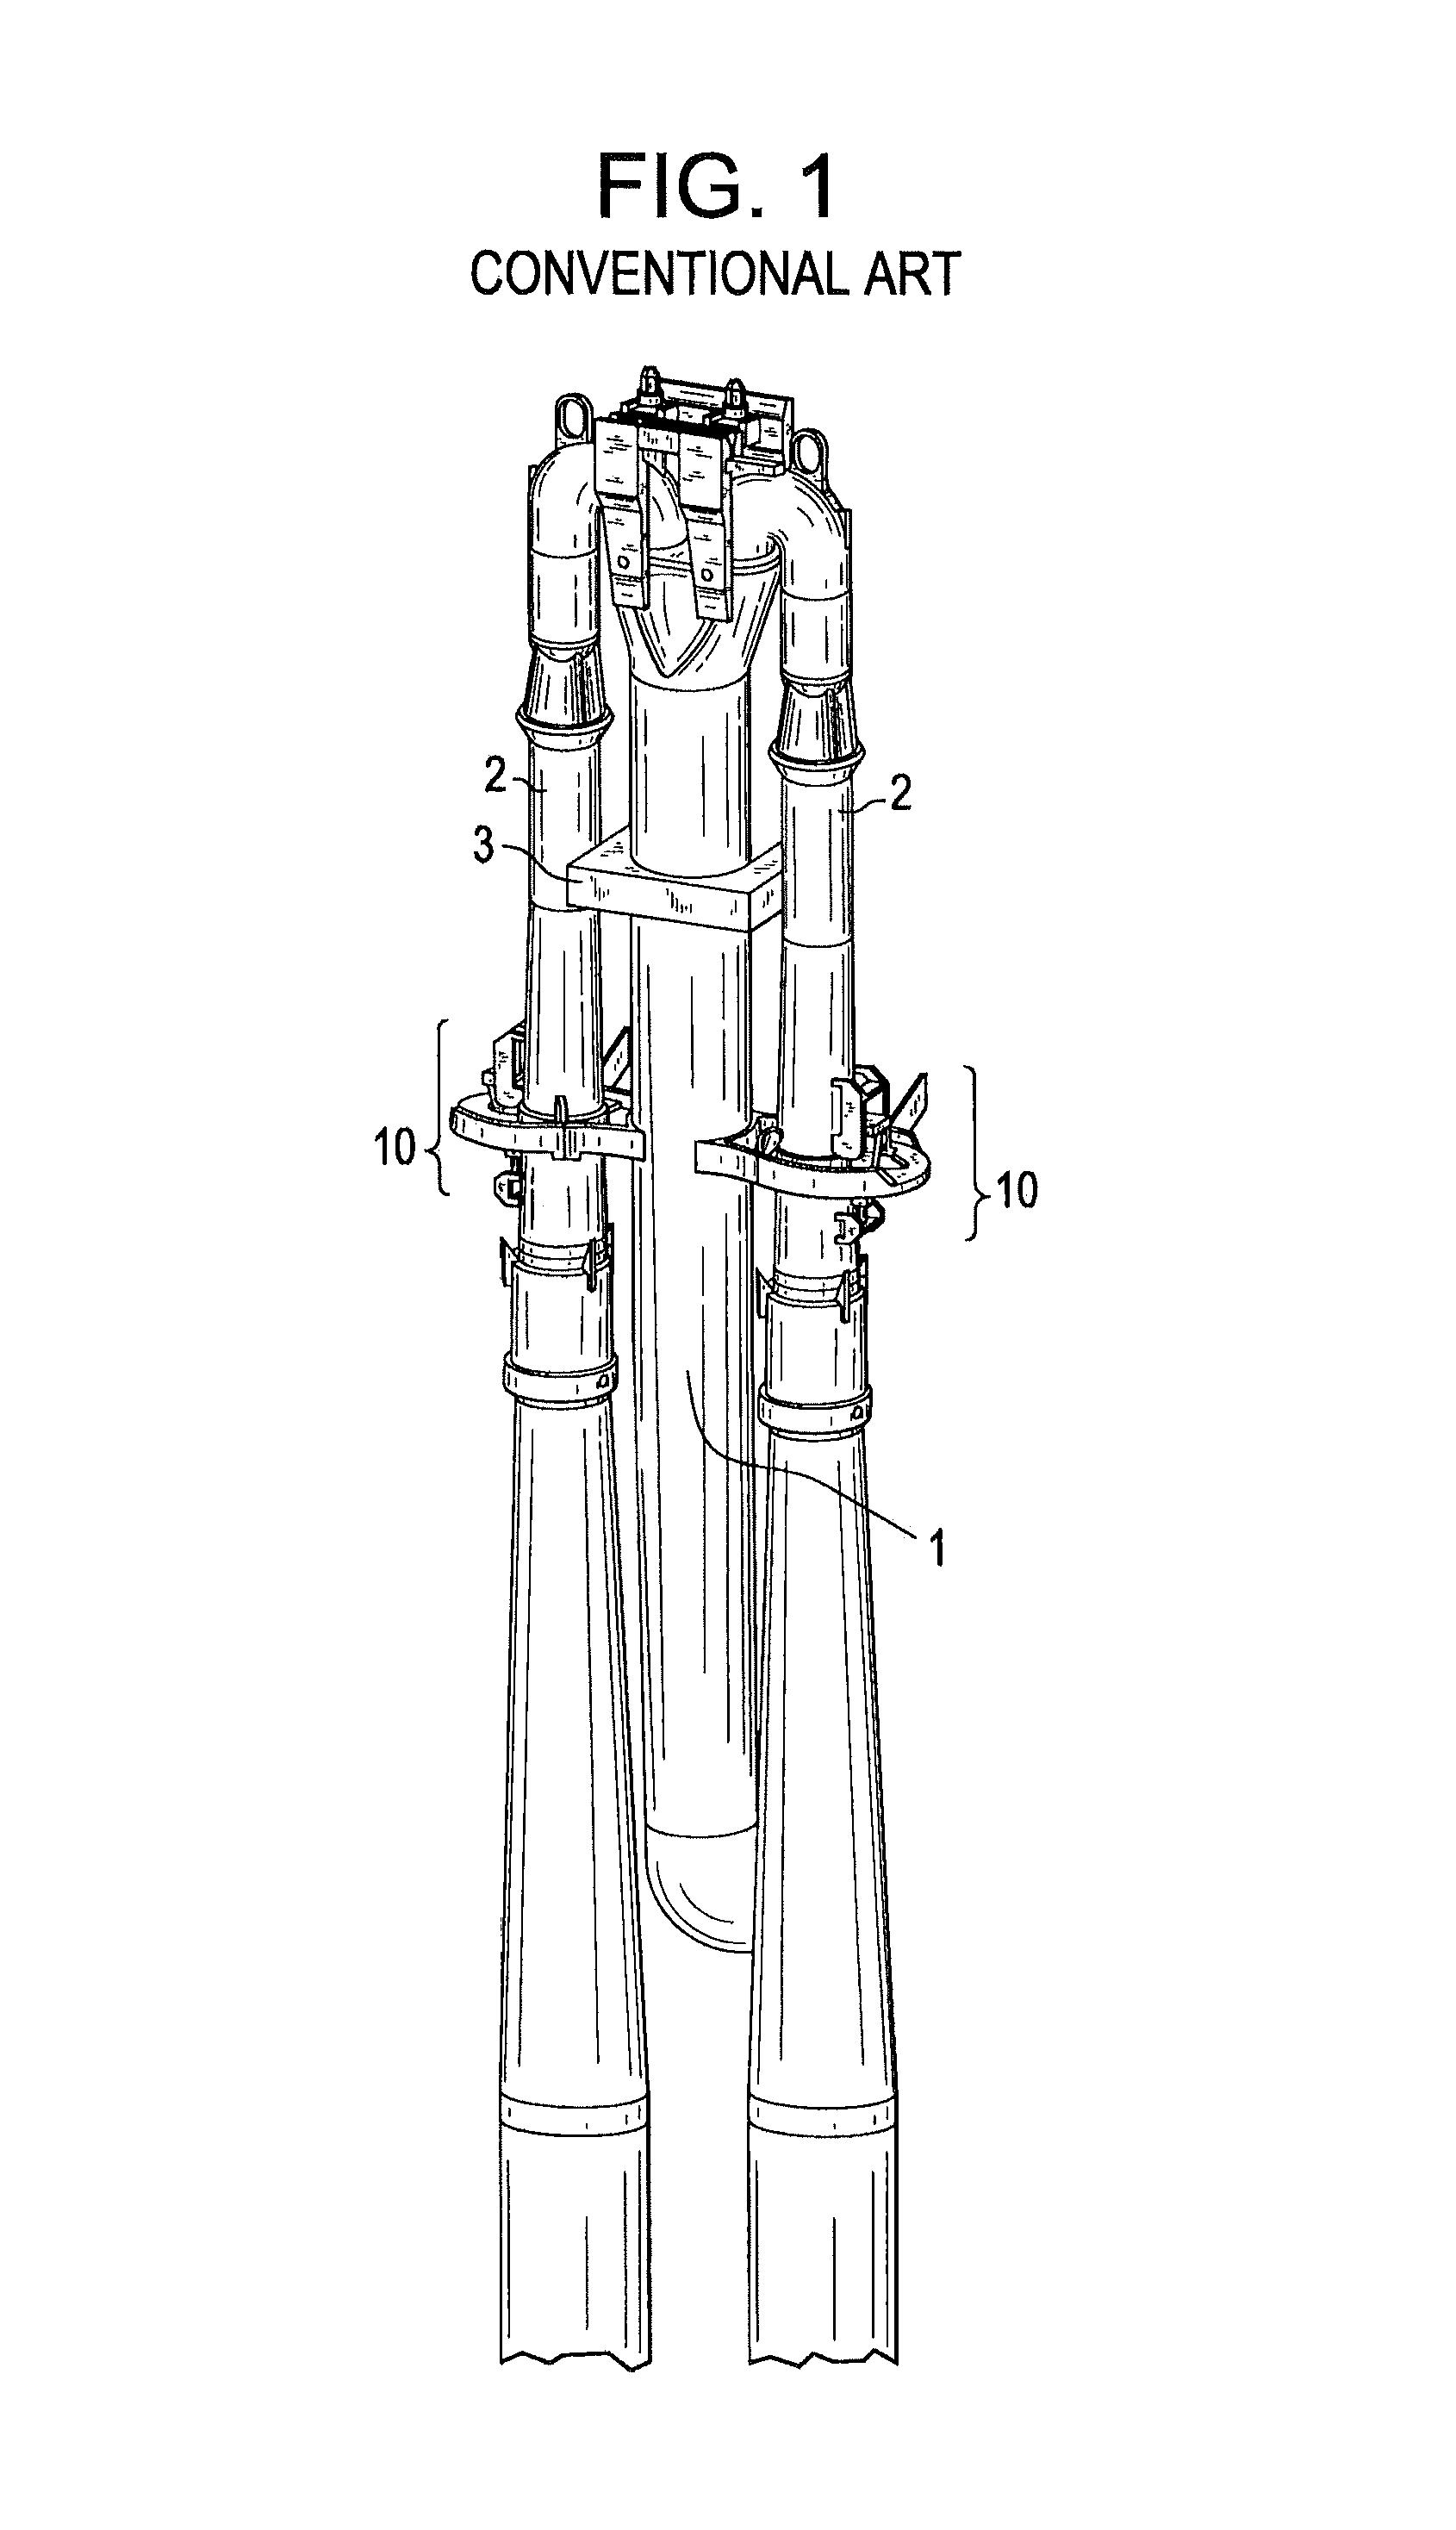 Jet Pump Jet Pump Bwr